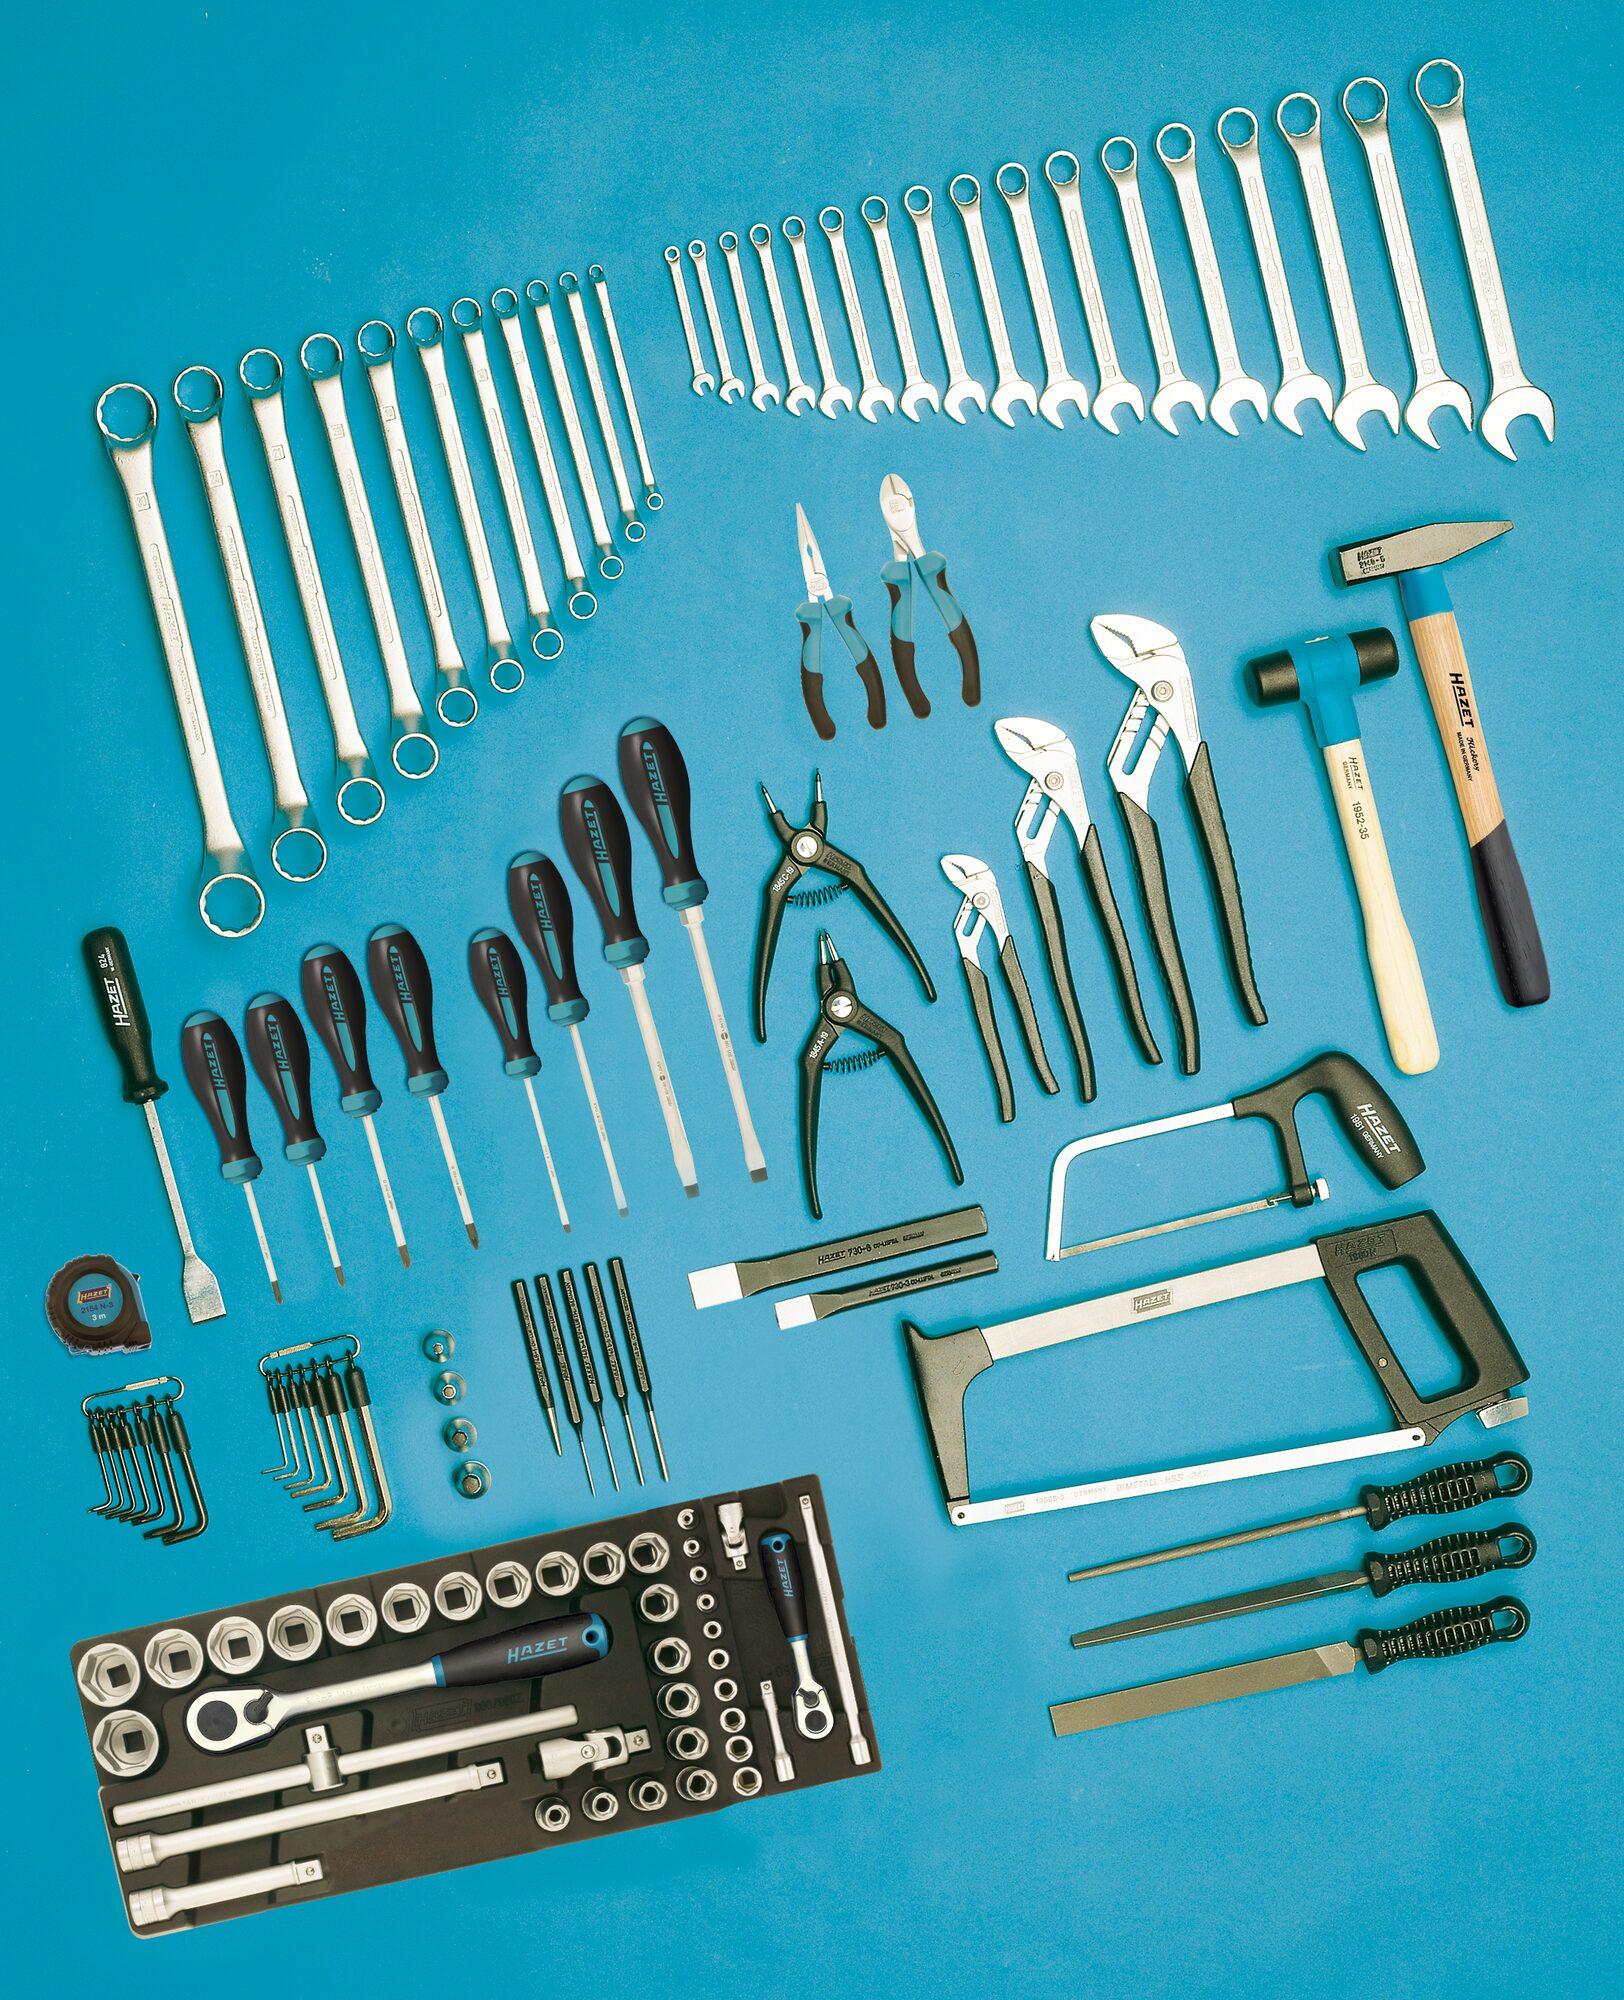 HAZET Werkzeug Sortiment 0-111/116 ∙ Anzahl Werkzeuge: 116